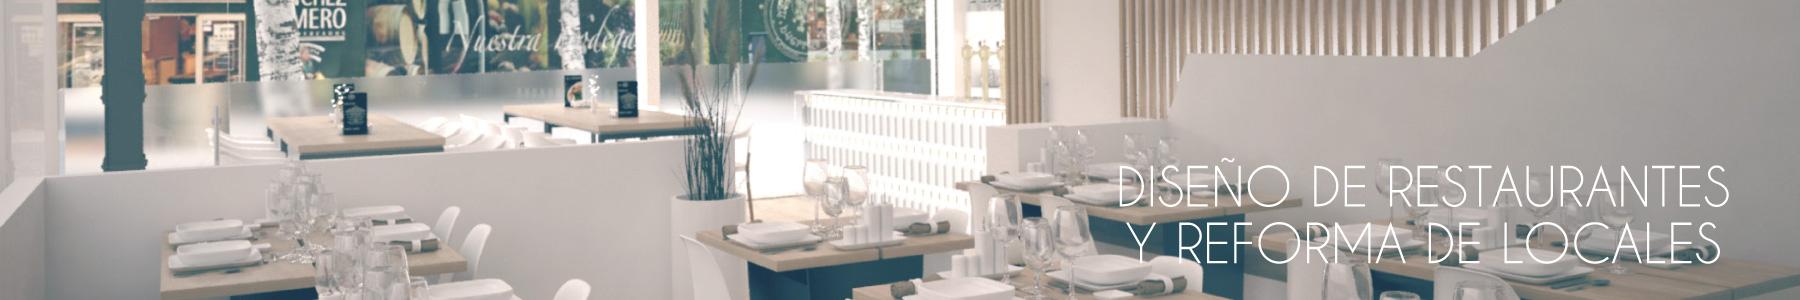 Diseño de restaurantes Grupo Riofrío